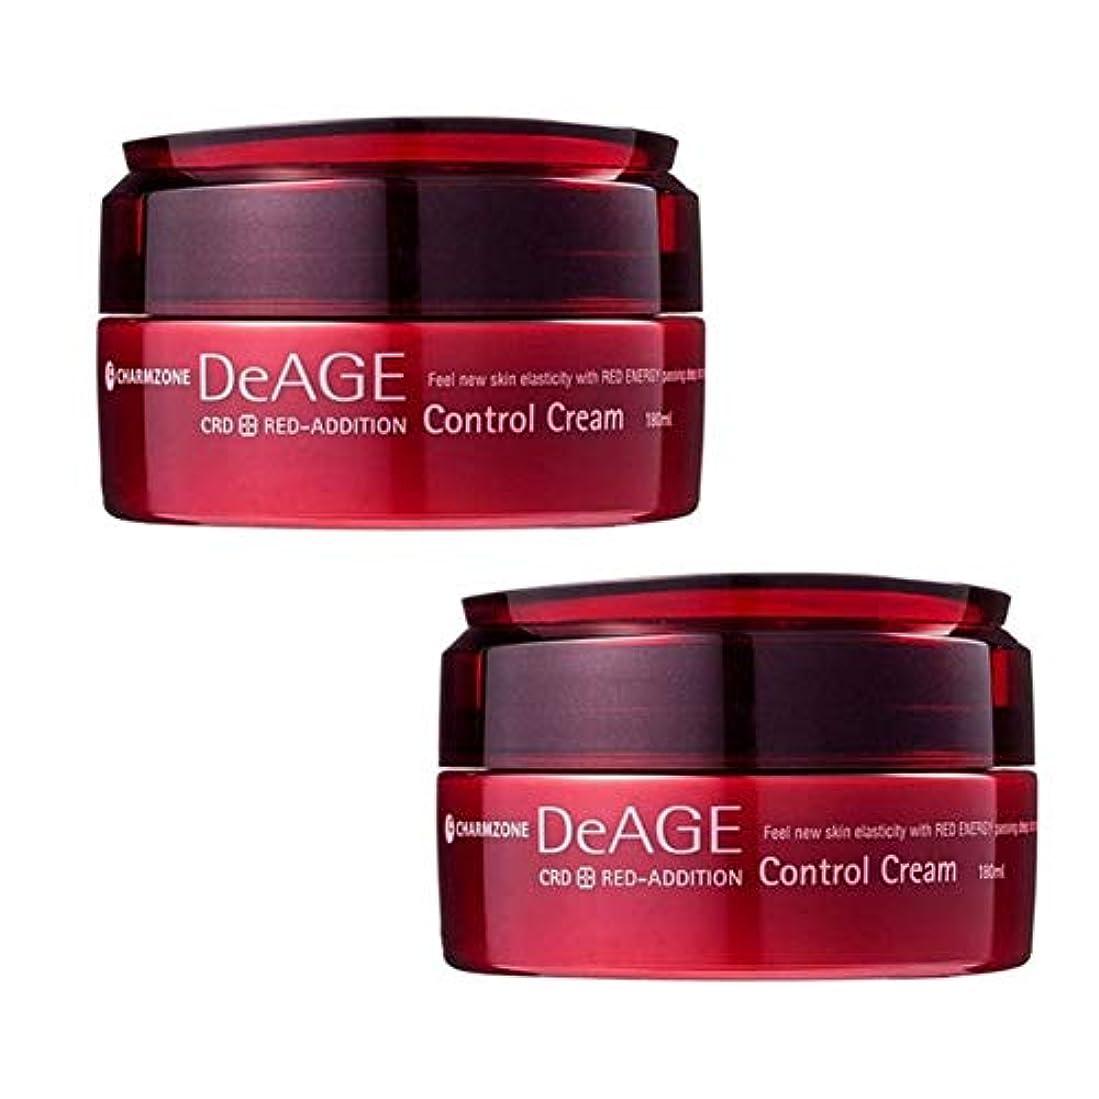 経済チェスをする健康チャムジョンディエイジレッドエディションコントロールクリーム180ml x 2本セットマッサージクリーム、Charmzone DeAGE Red-Addition Control Cream 180ml x 2ea Set...